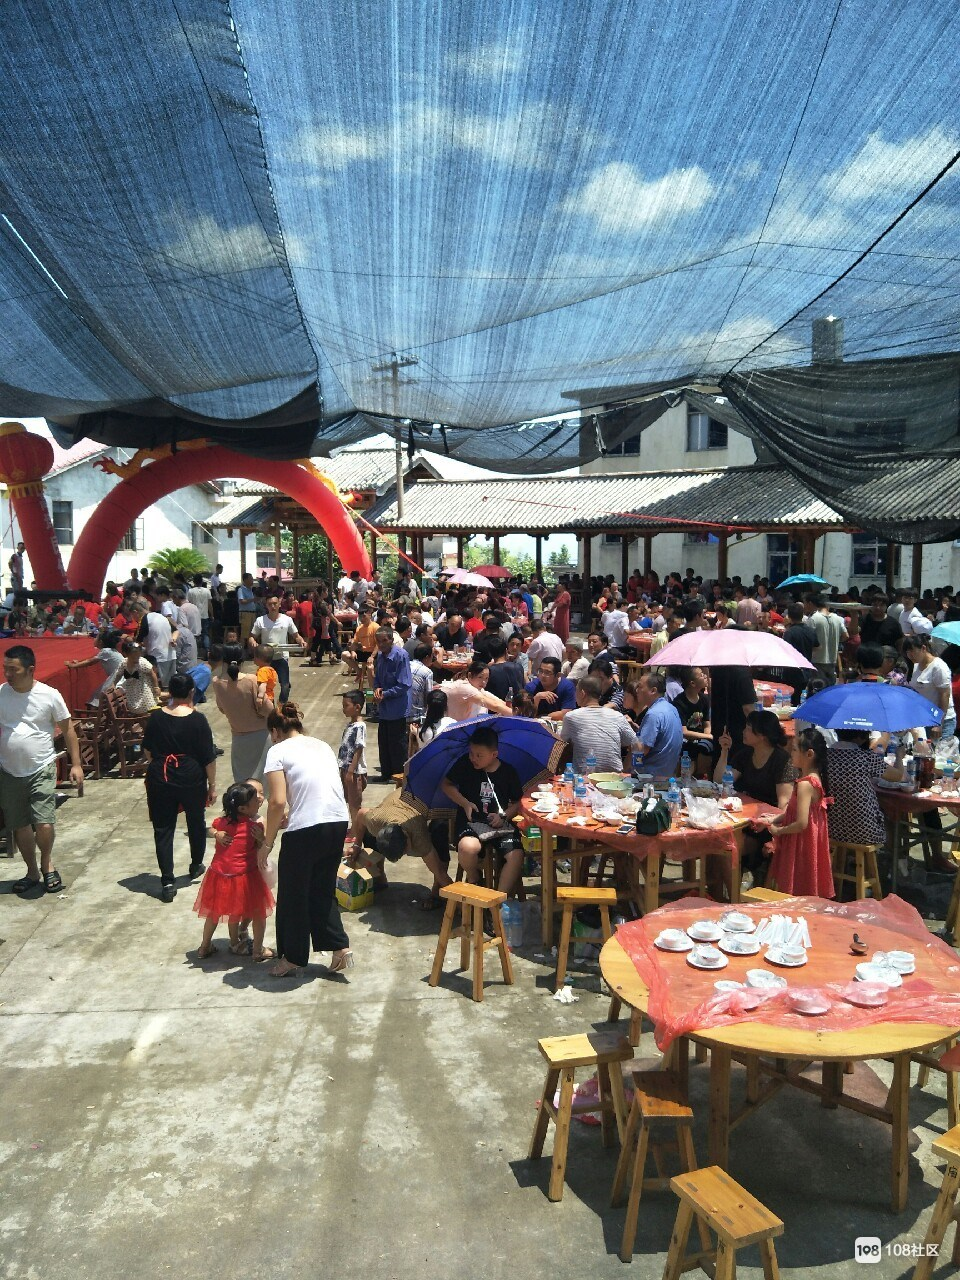 今天延平这里挤爆了!所有人顶着太阳打着伞在吃饭